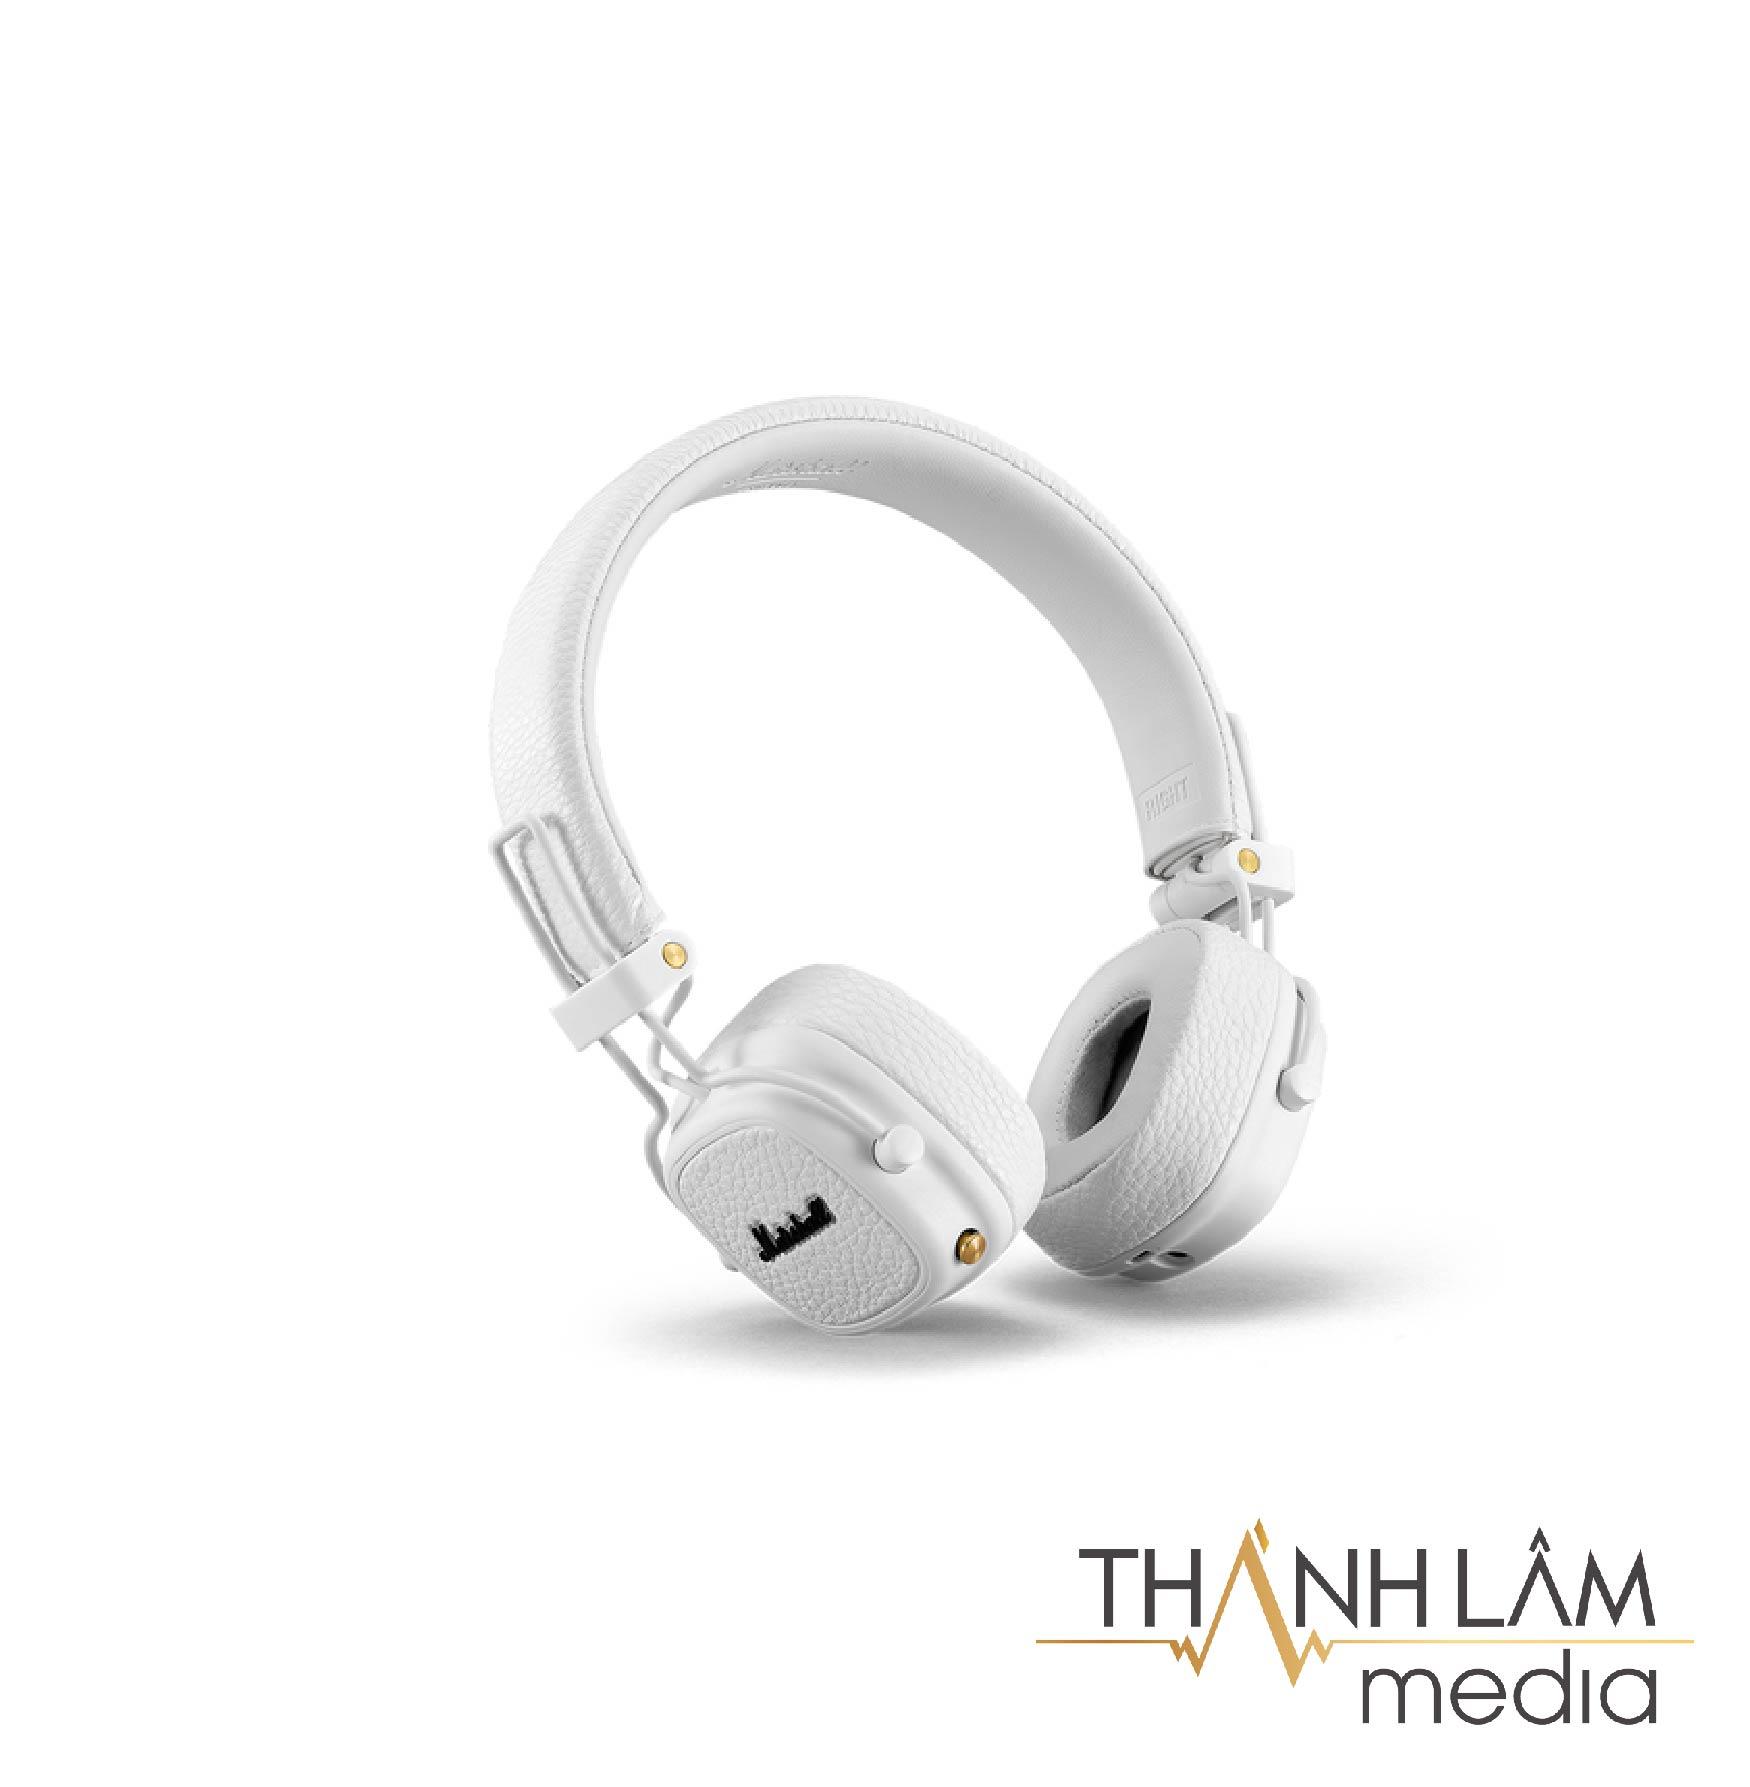 Marshall Major 3 Bluetooth - Tai nghe nhỏ gọn, tiện lợi với dải âm cao tuyệt vời 5